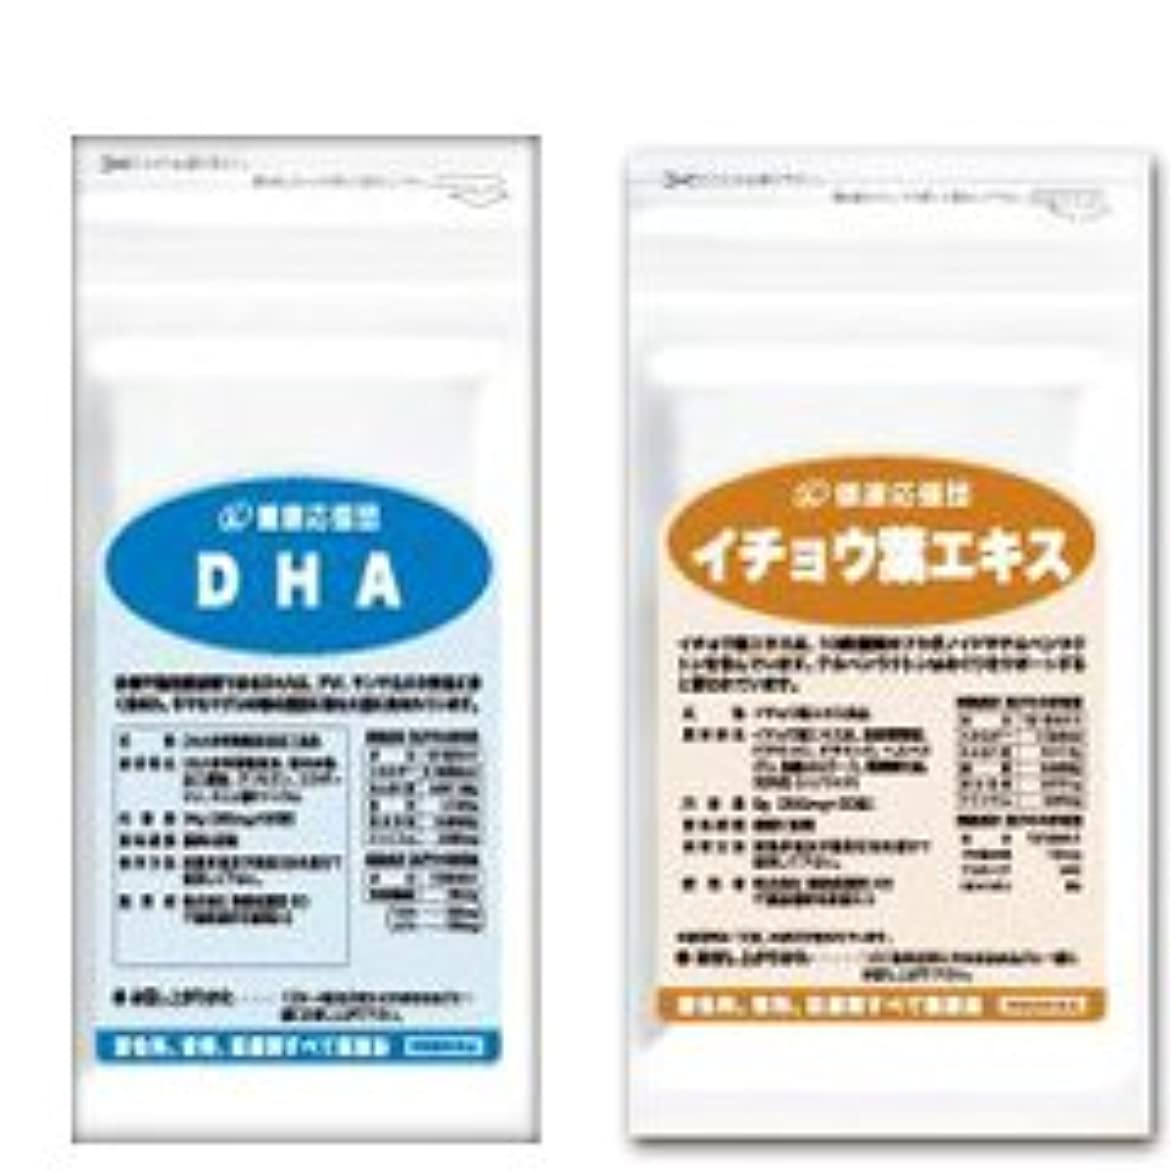 納得させる他の日メタリック(お徳用3か月分)サラサラ巡りセット DHA + イチョウ葉エキス 3袋&3袋セット(DHA?EPA?イチョウ葉?ビタミンC?ビタミンE?ビタミンP配合)